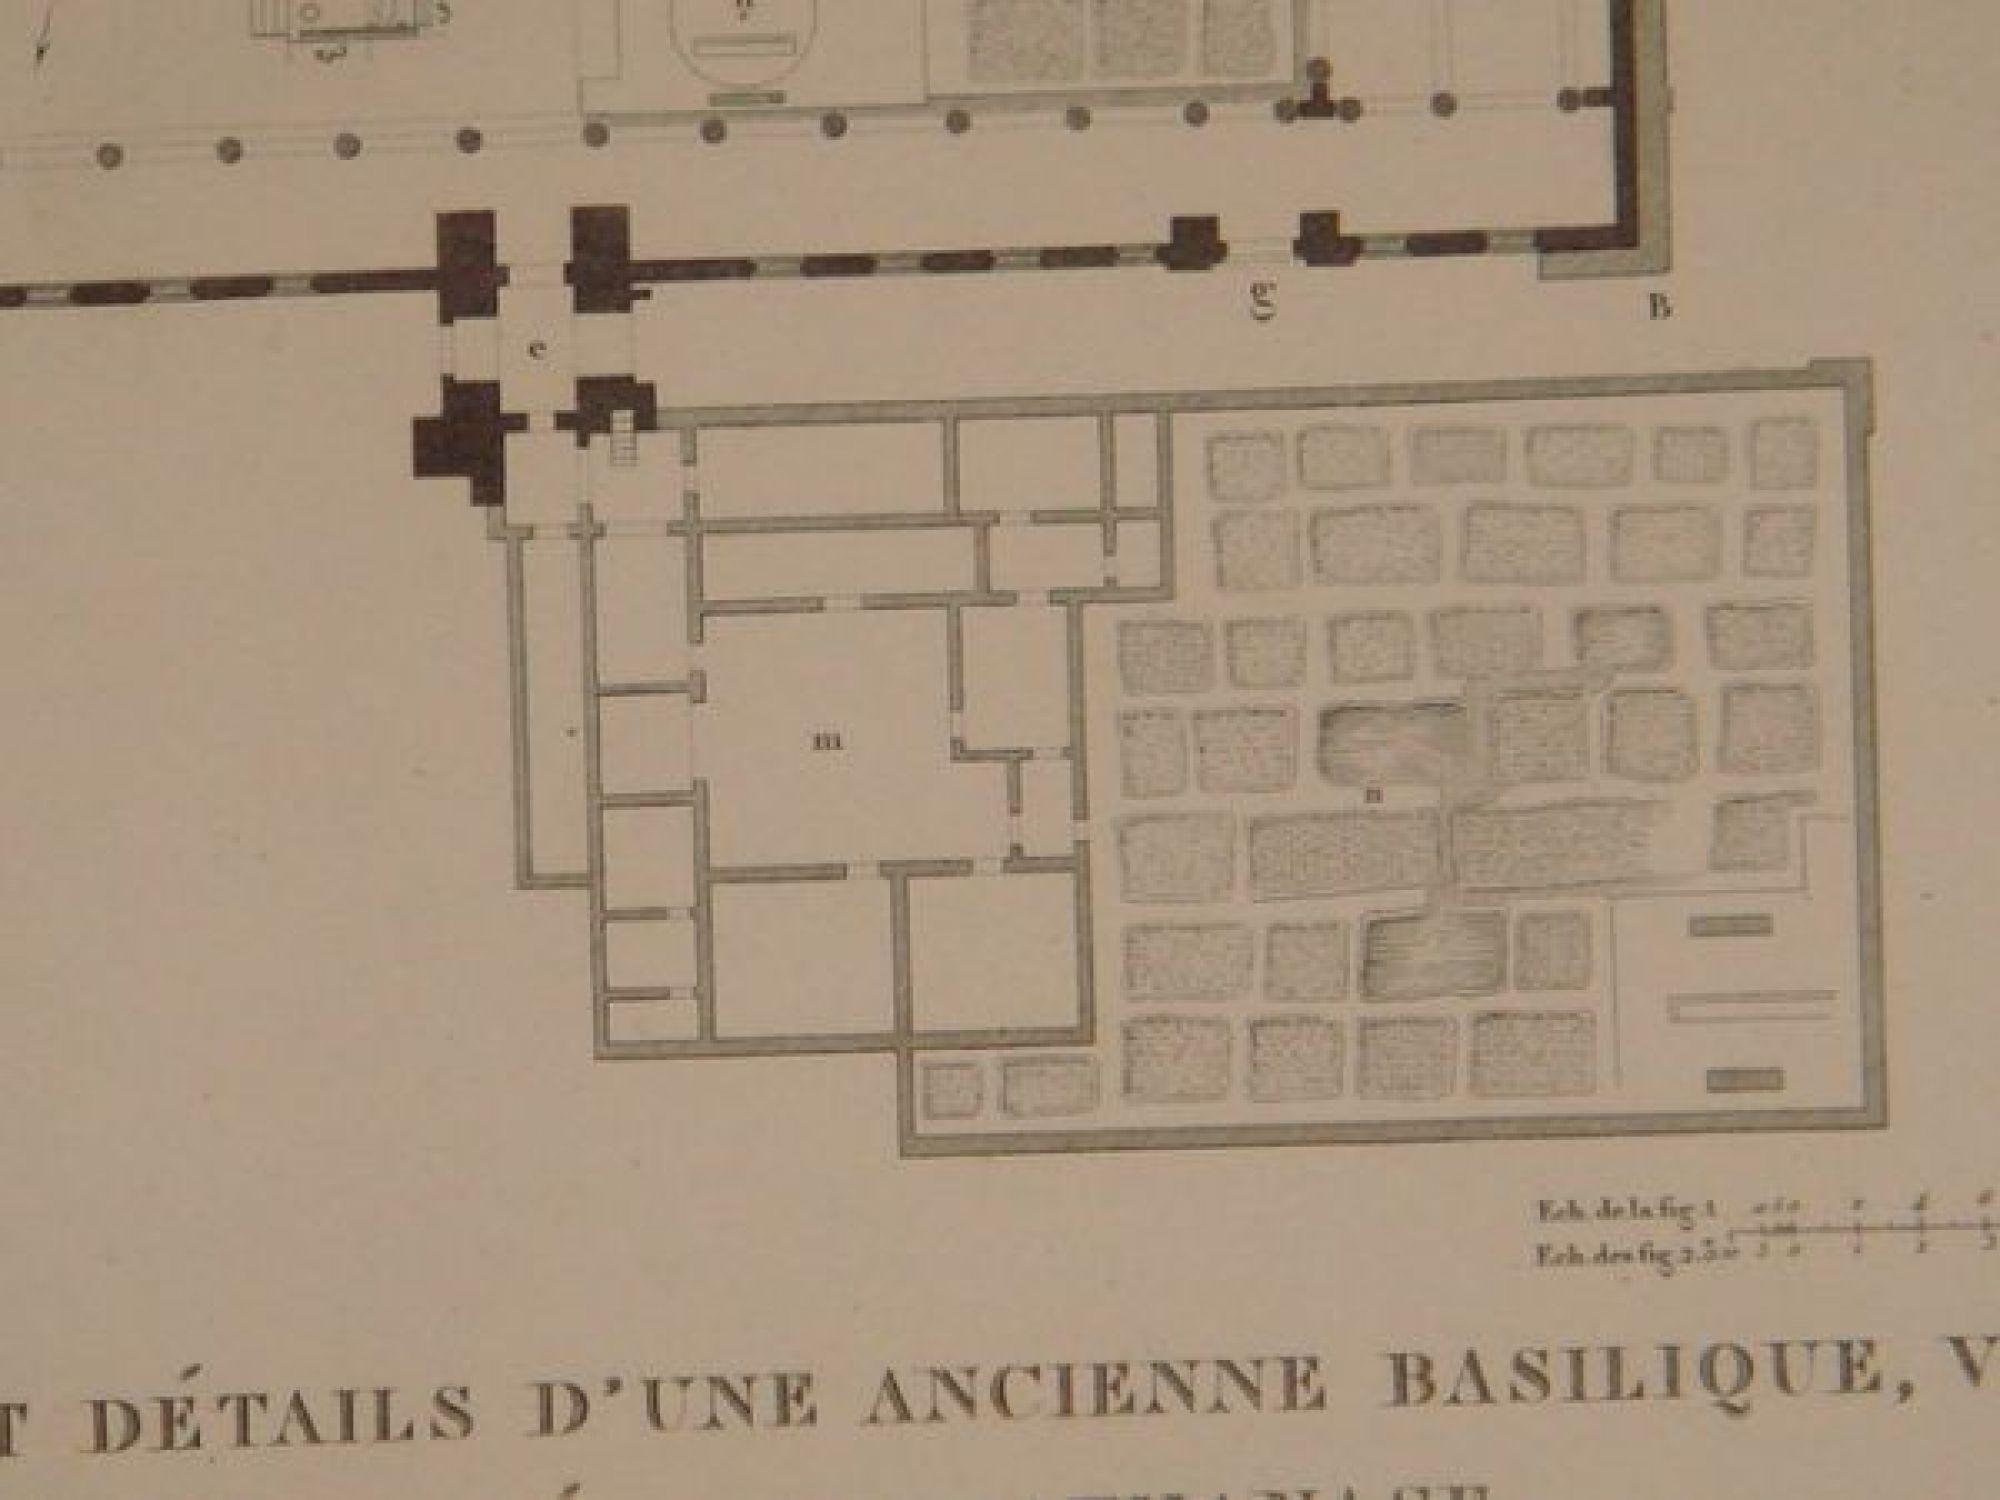 Elevation Plan Description : Description de l egypte alexandrie plan élévation